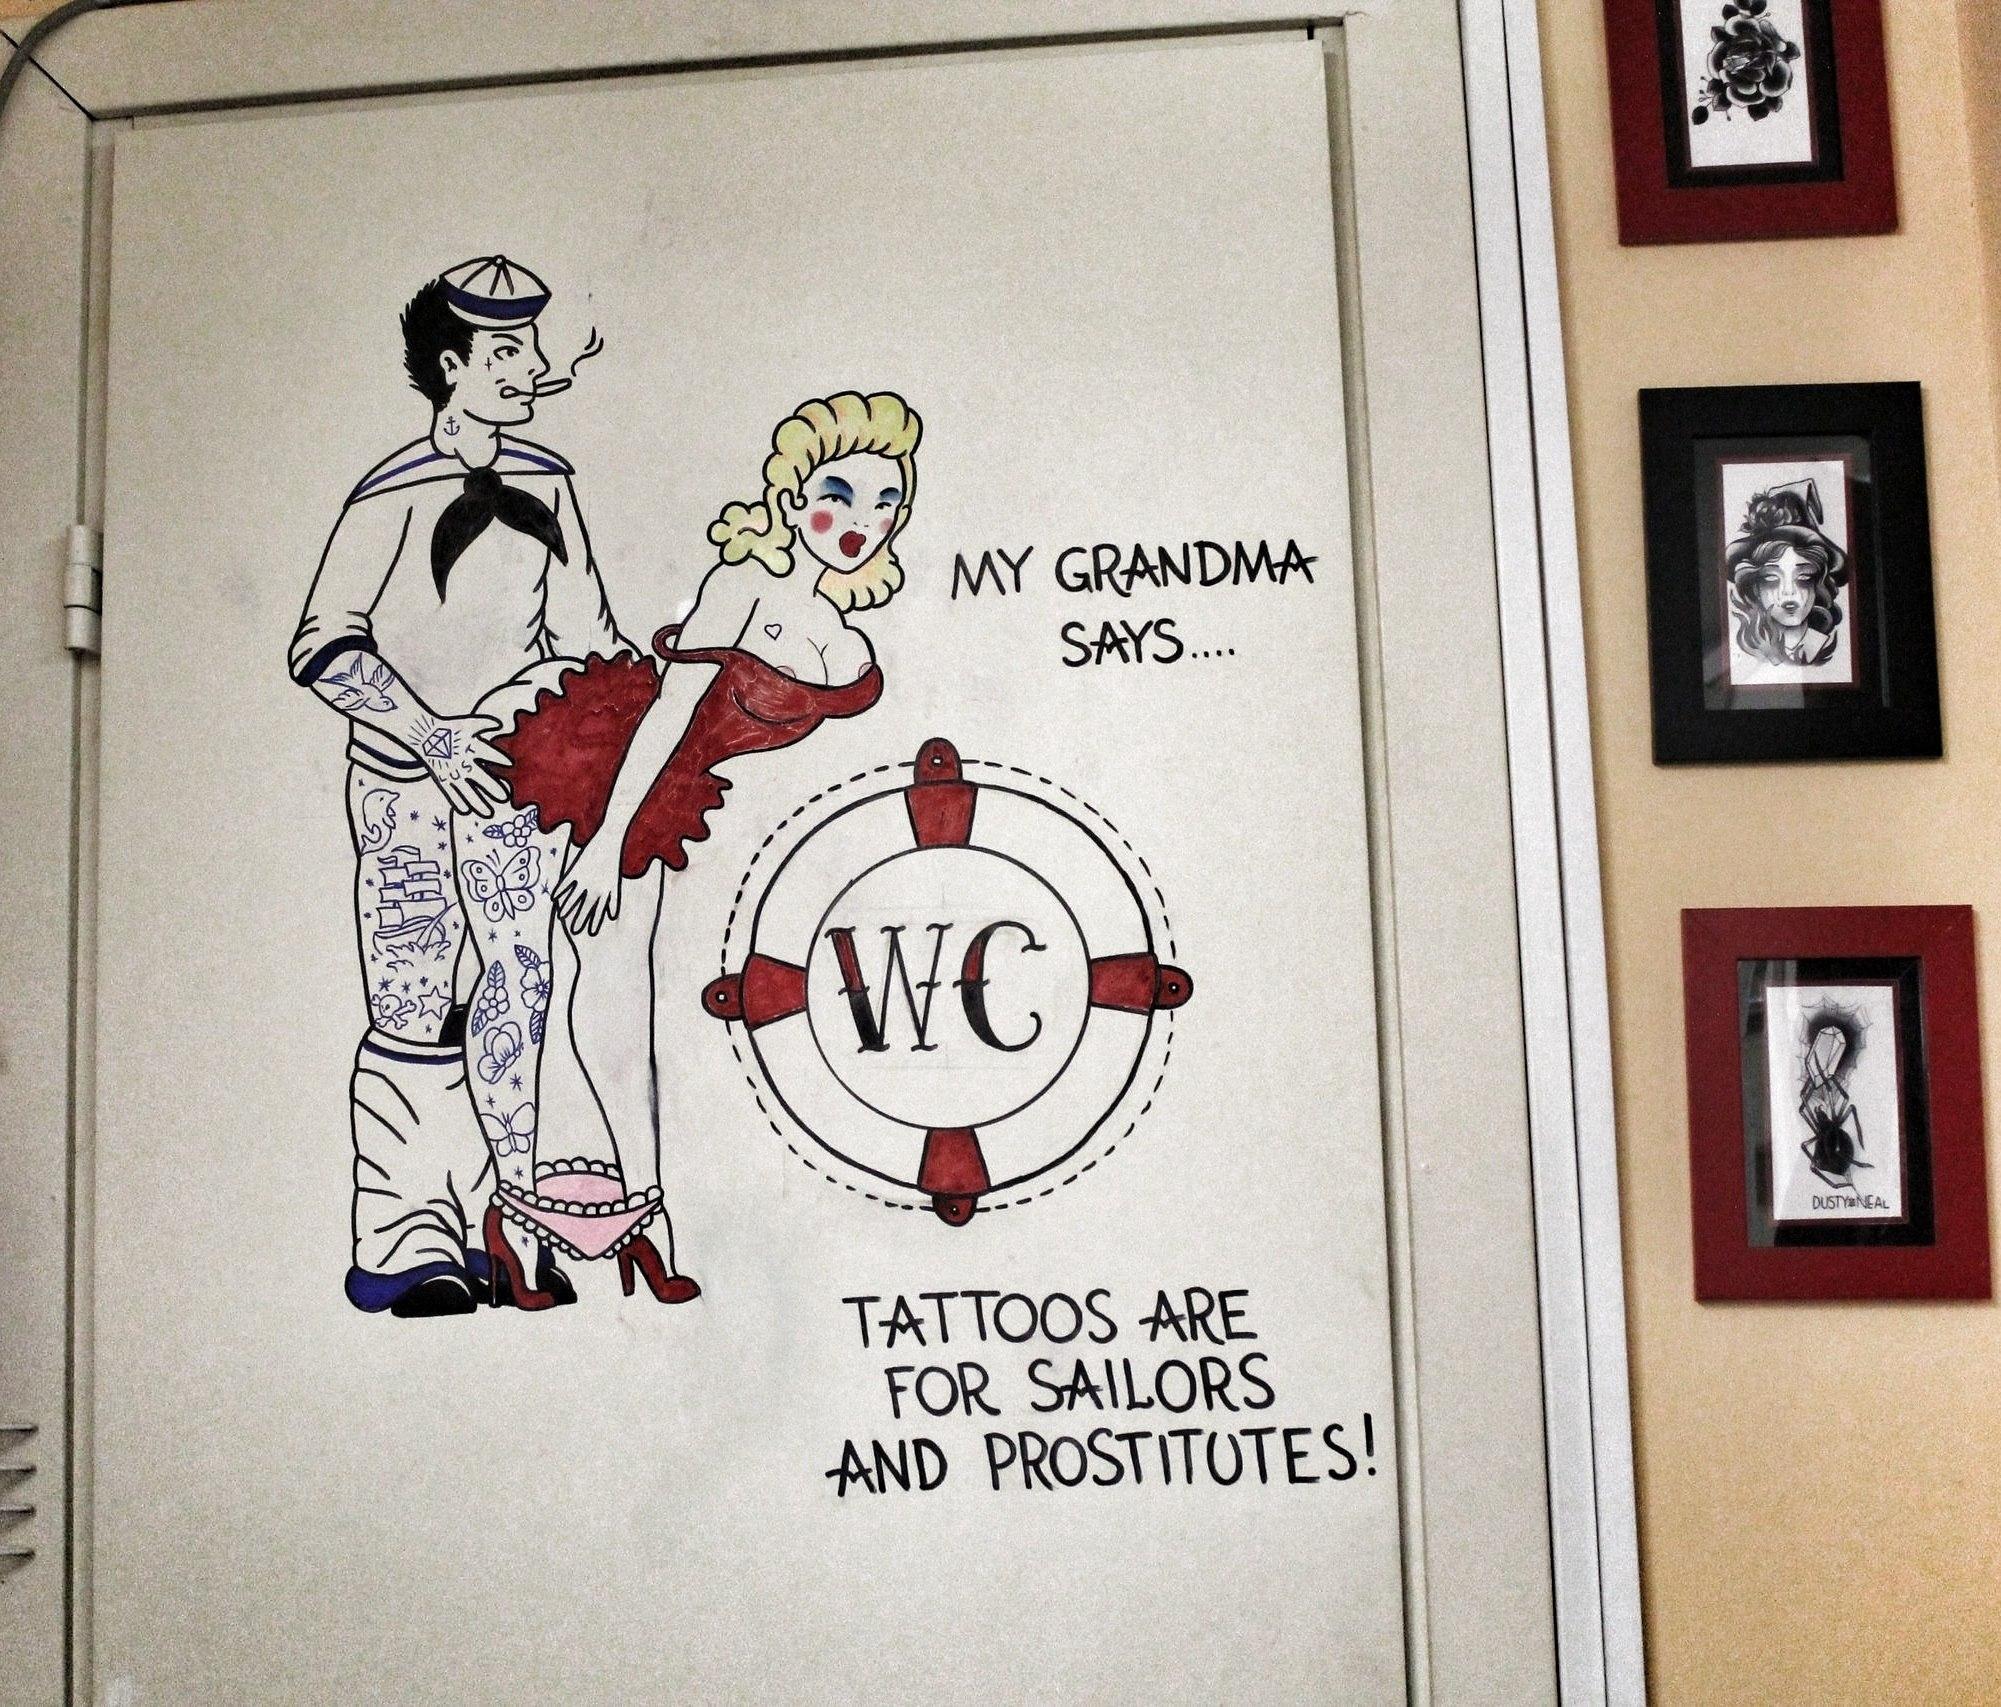 Татуировки для проституток 7 фотография